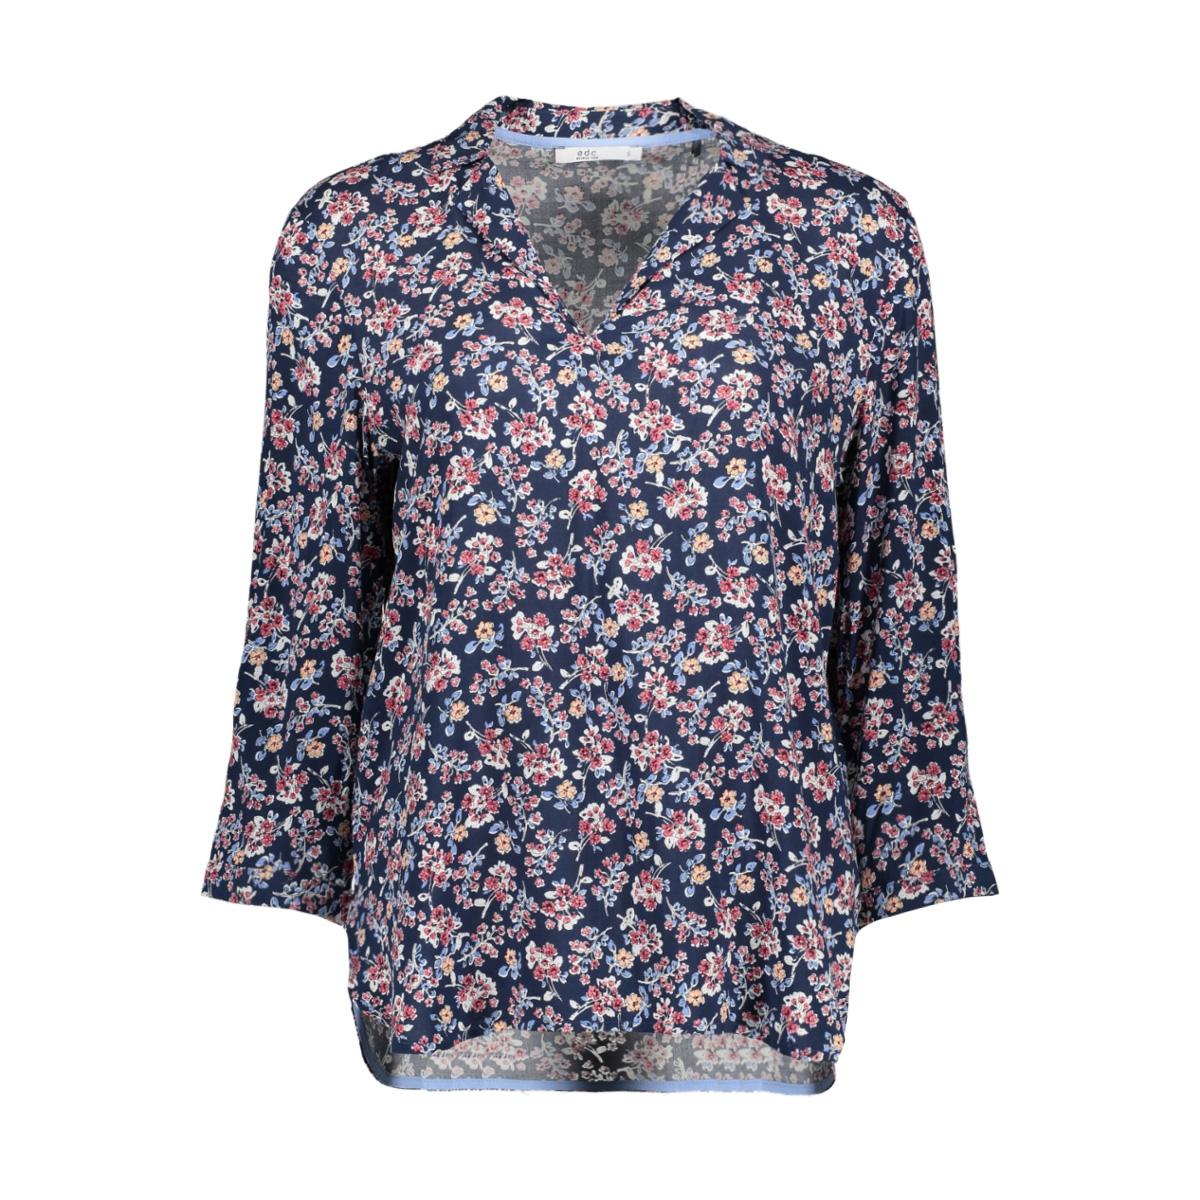 029cc1f003 edc blouse c401